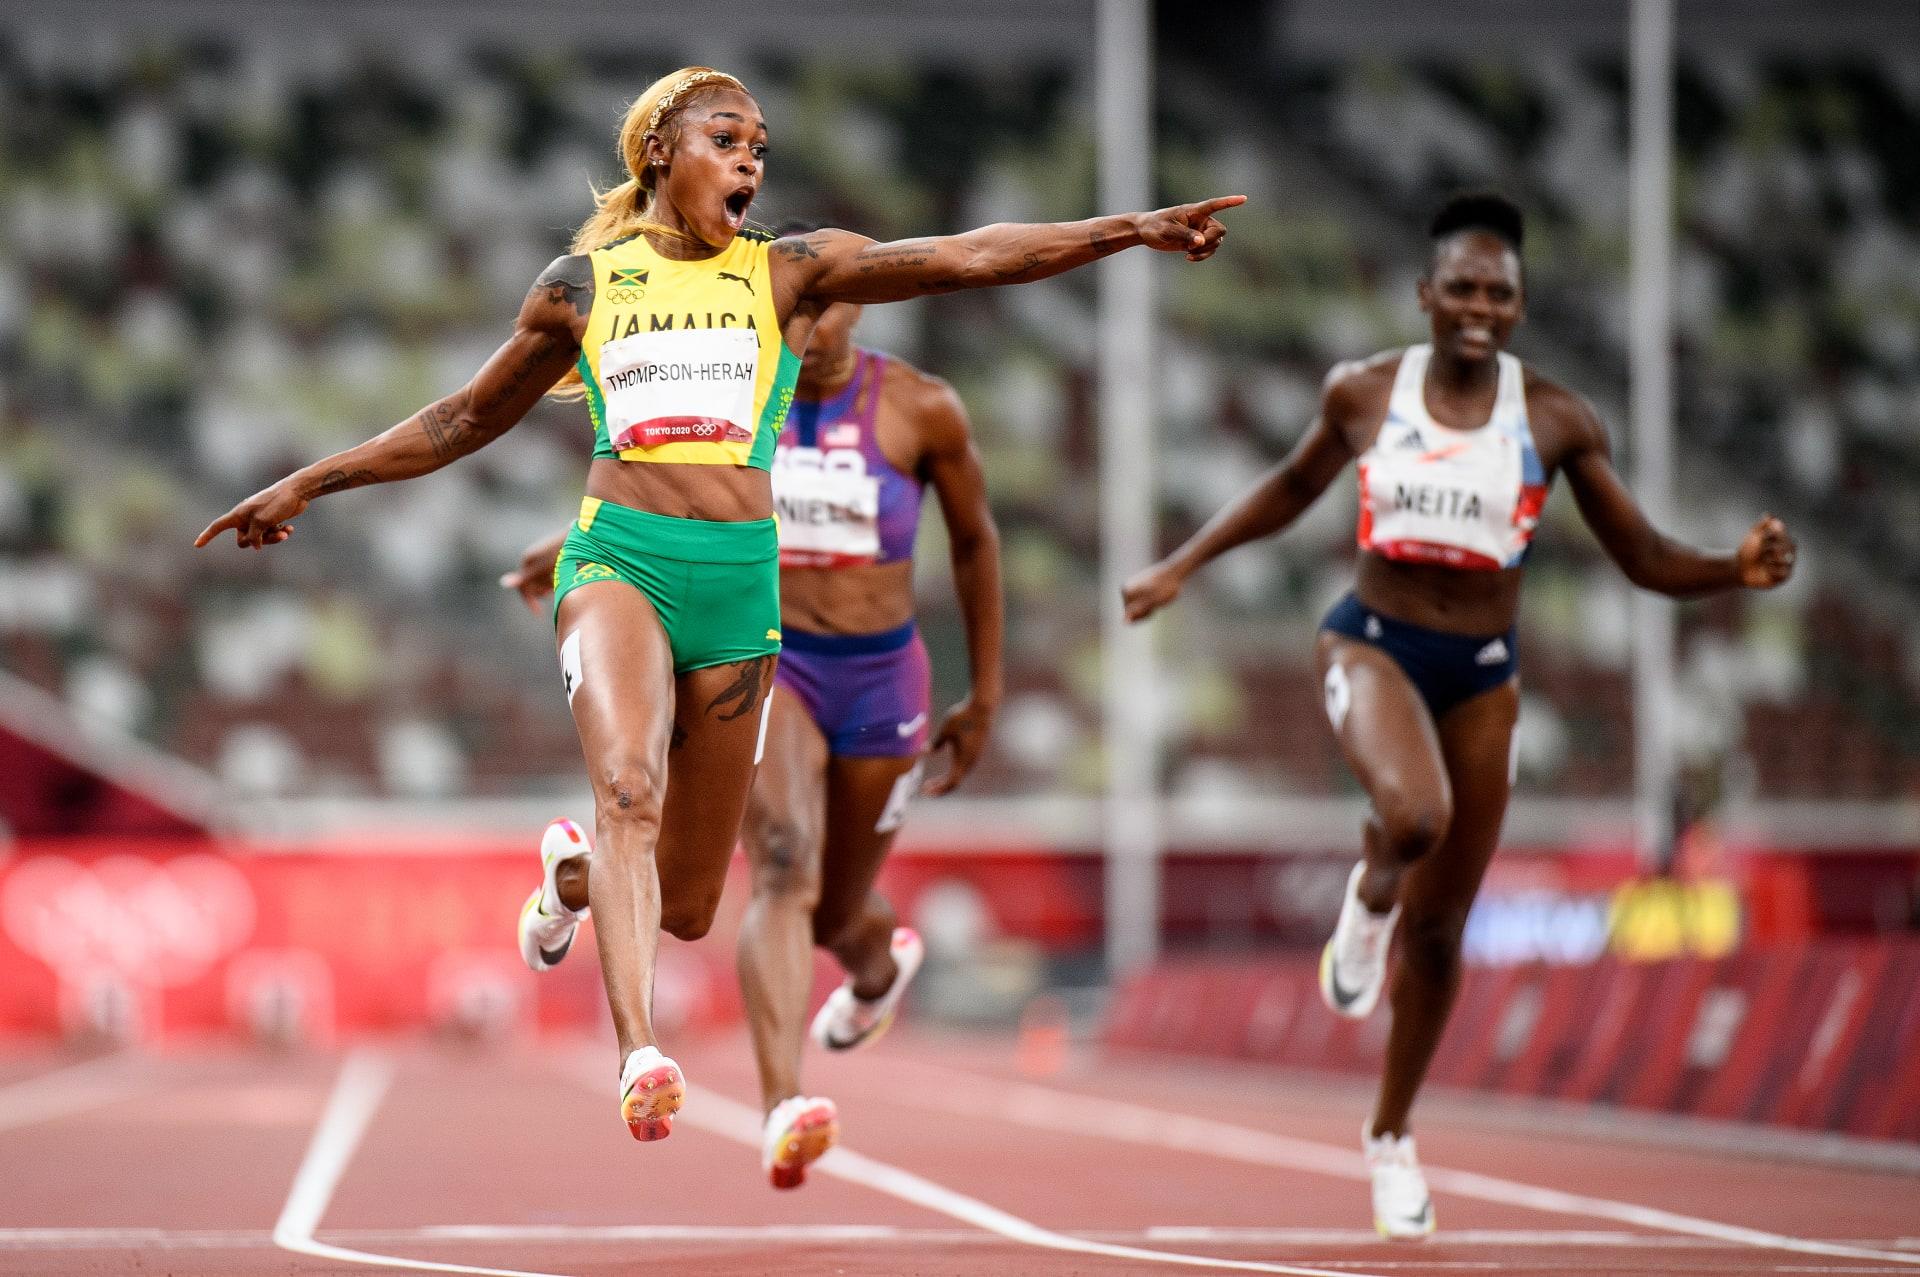 احتفلت إيلين طومسون-هيراه من فريق جامايكا بعبور خط النهاية للفوز بالميدالية الذهبية في نهائي 100 متر سيدات في اليوم الثامن من دورة الألعاب الأولمبية بطوكيو 2020 في الاستاد الأولمبي في 31 يوليو 2021